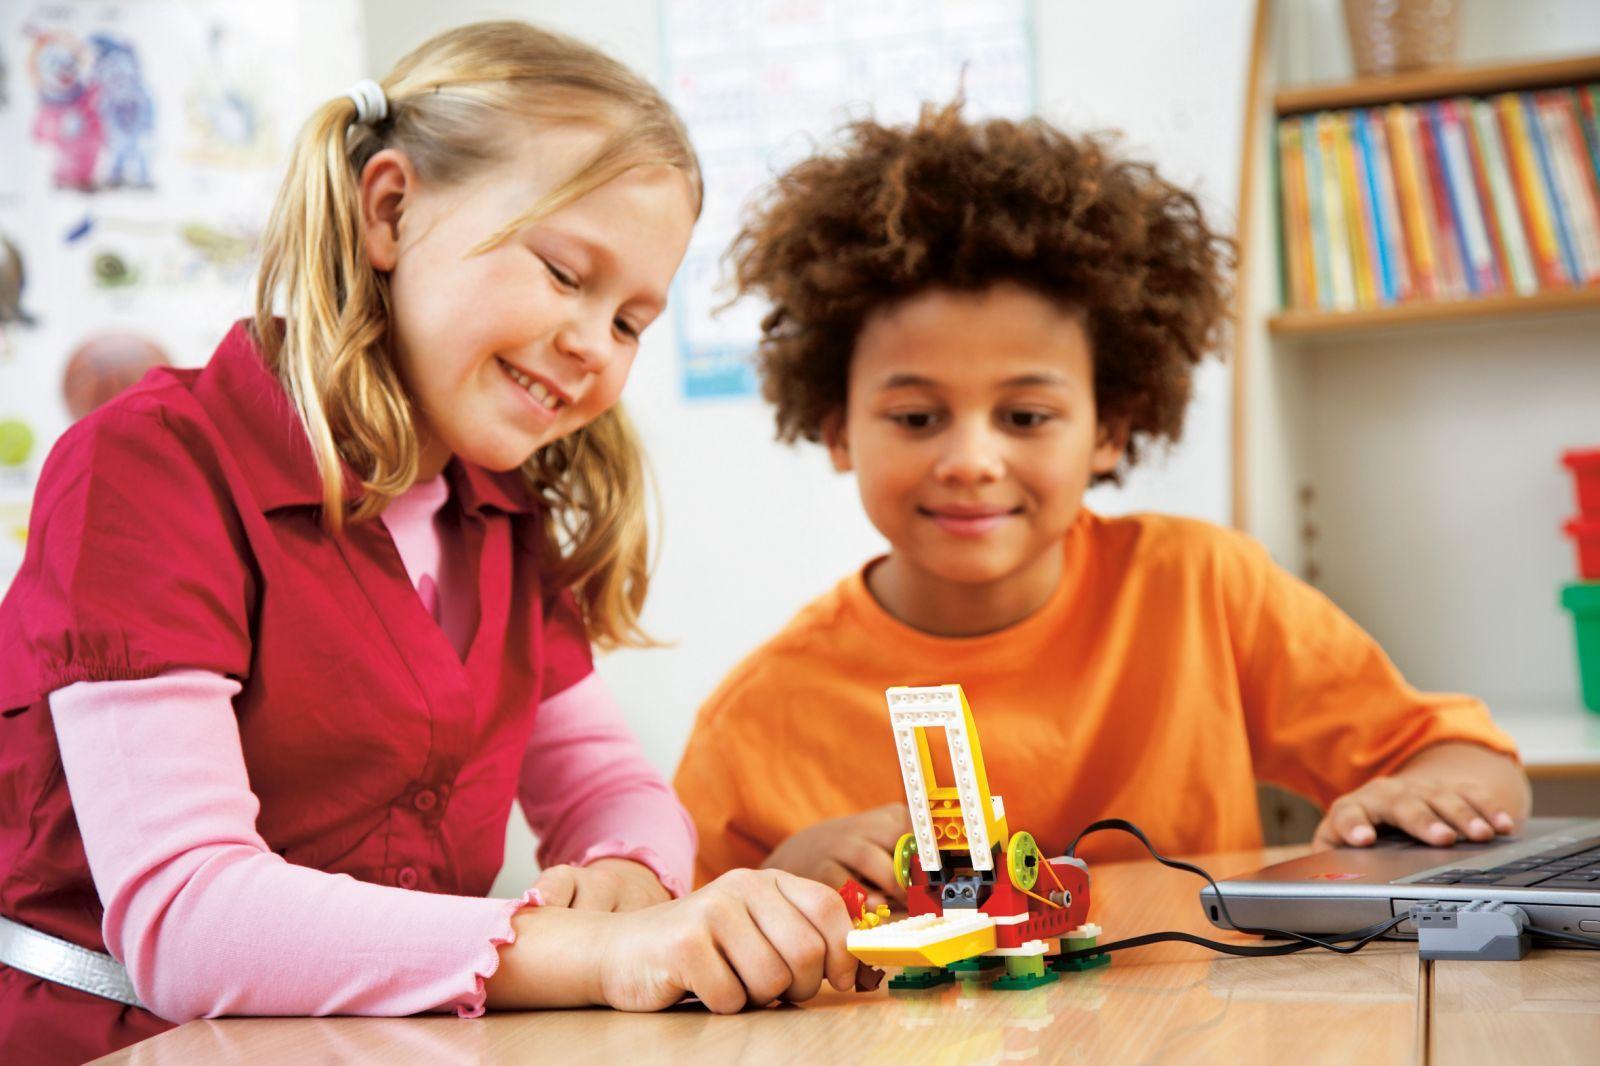 Resultado de imagen de niños fabricando robot